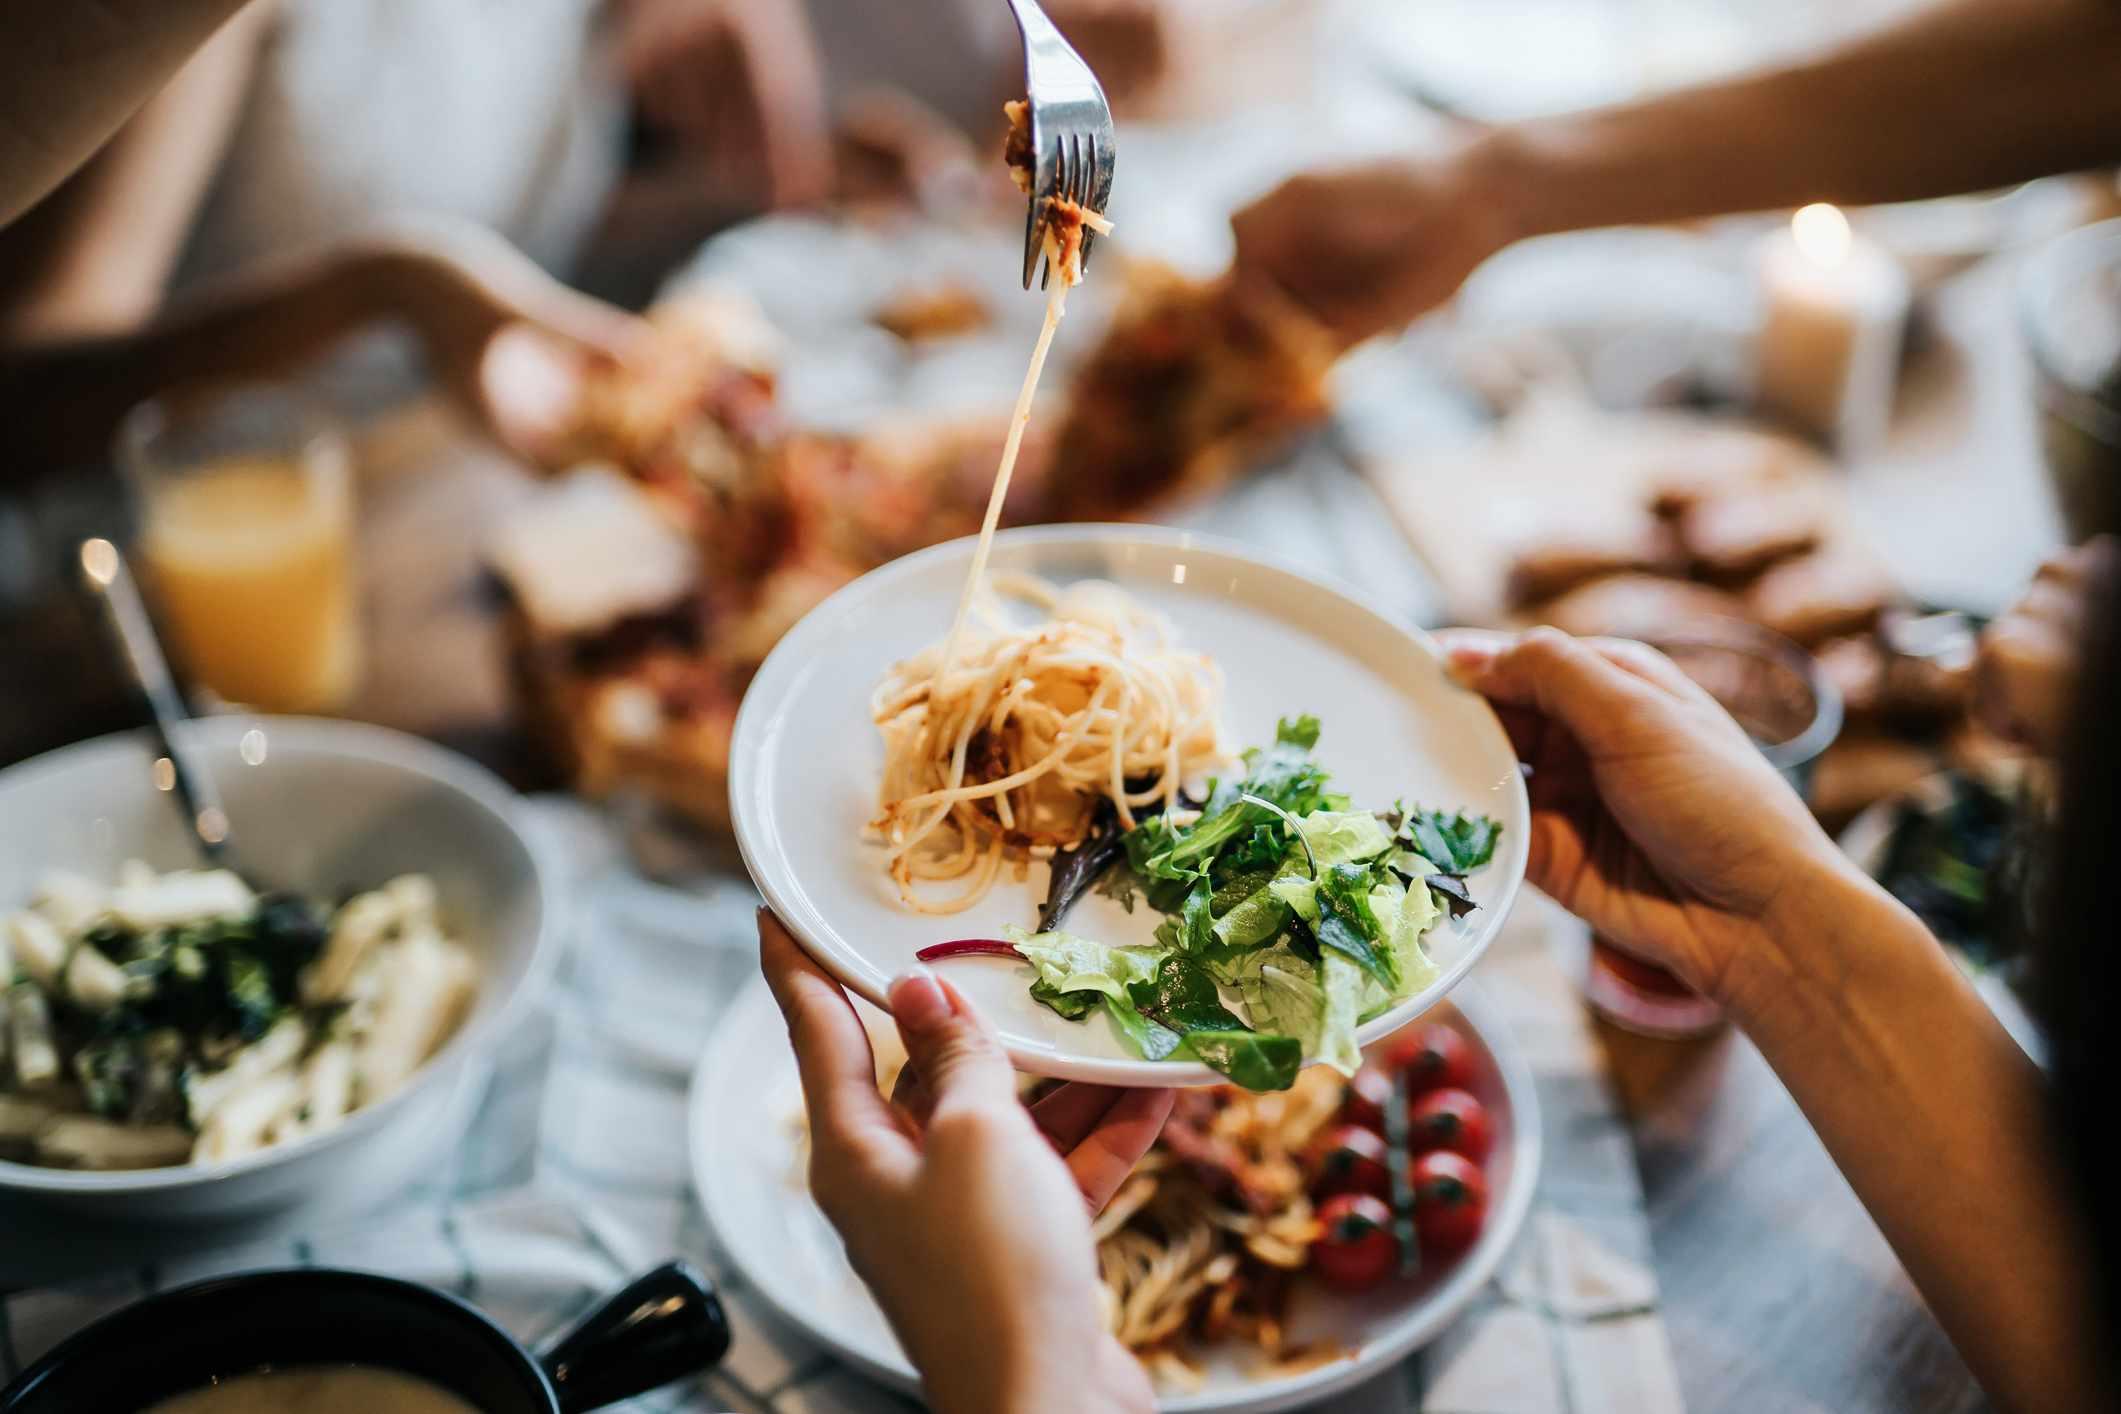 Plato de espaguetis y ensalada